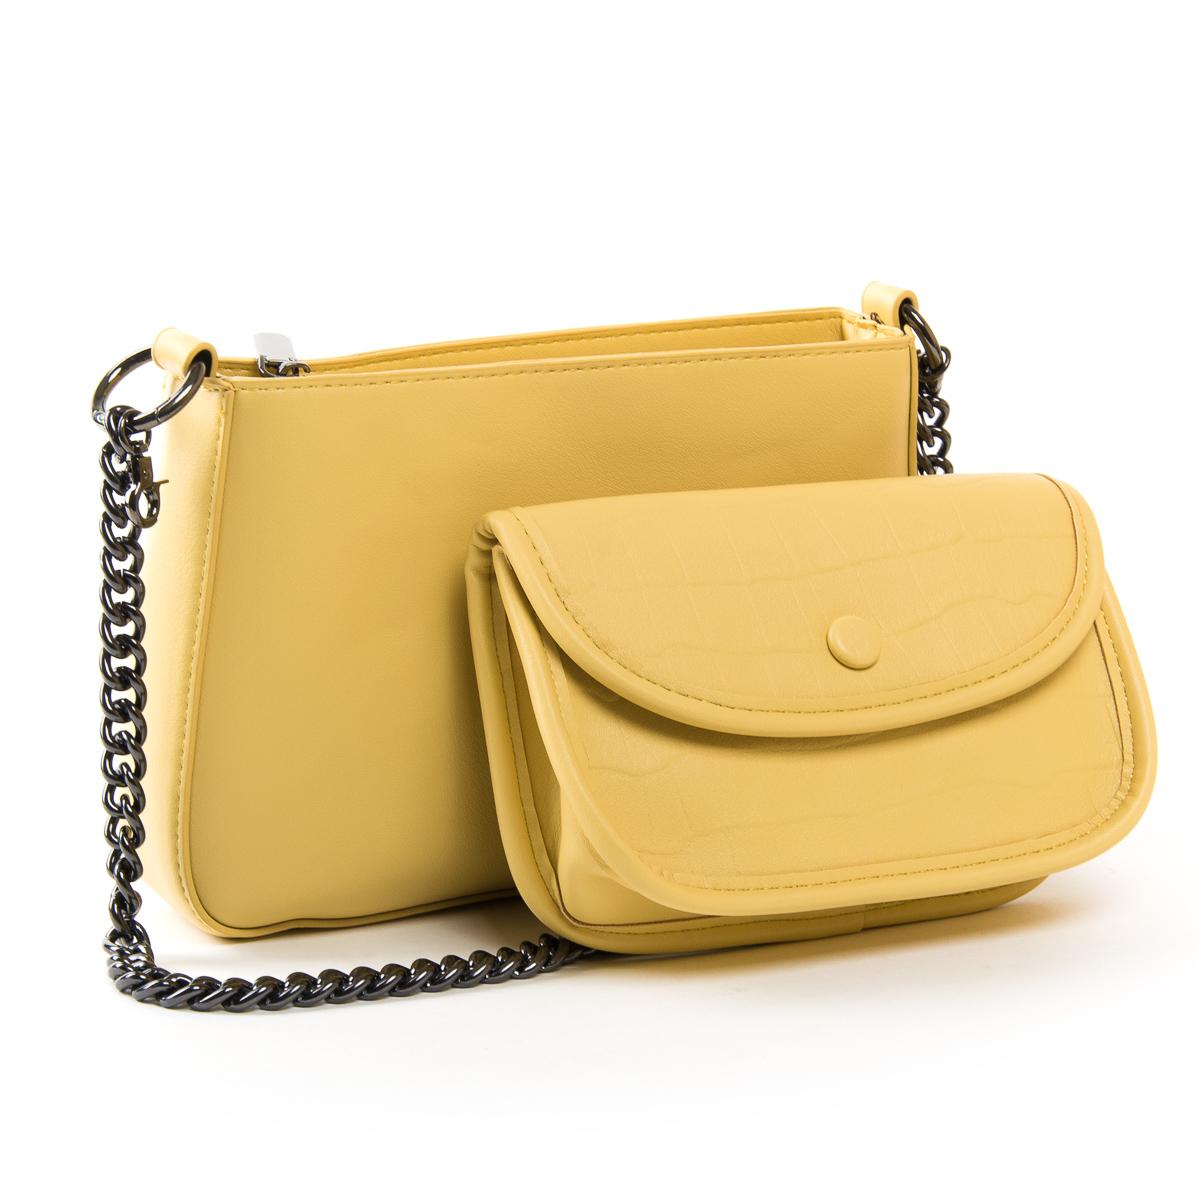 Сумка Женская Классическая иск-кожа FASHION 01-02 6900 yellow